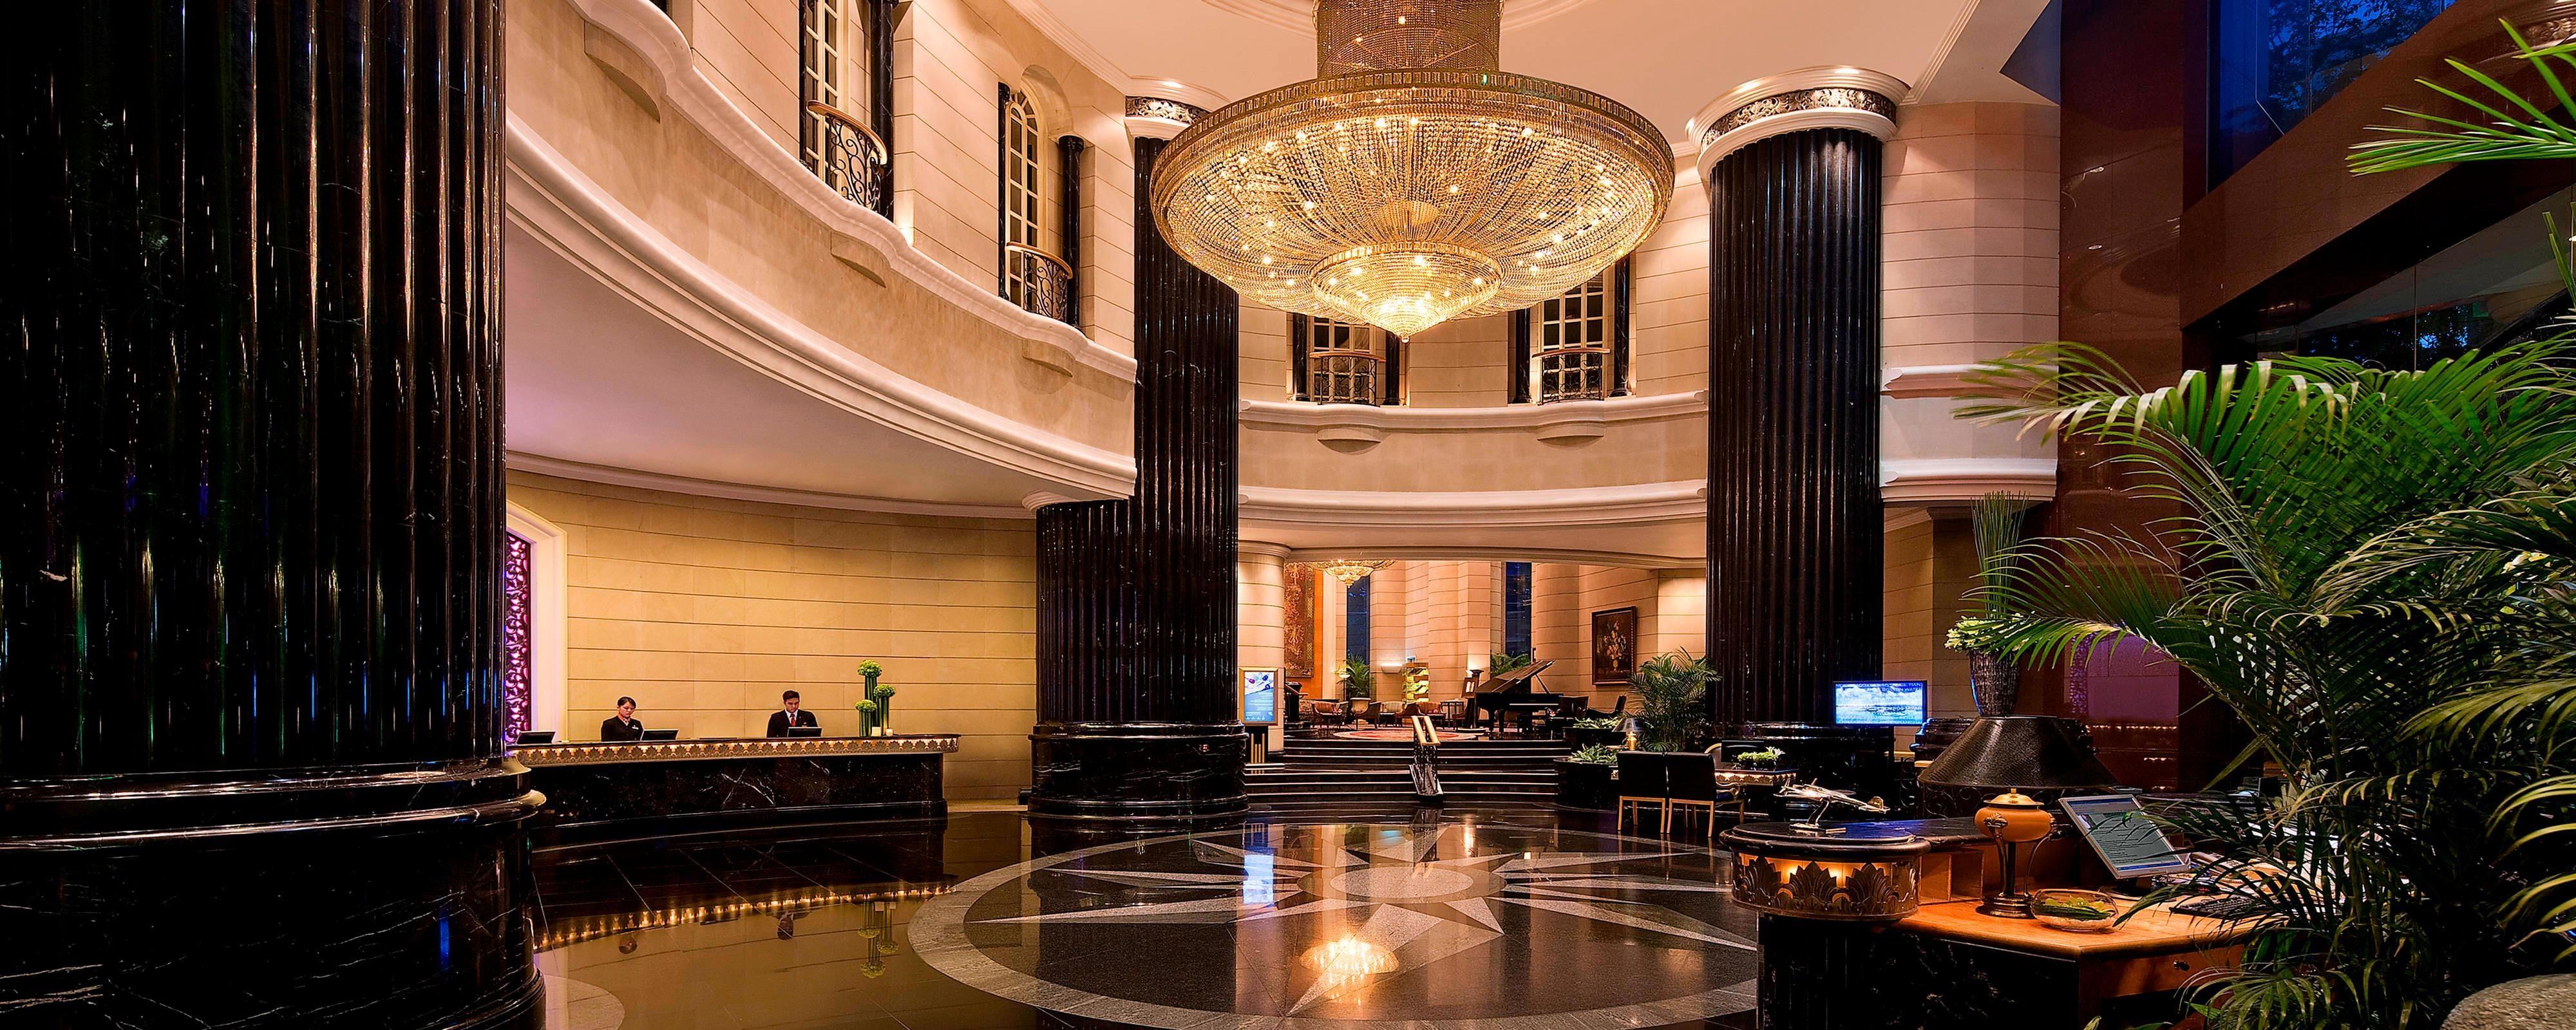 5 star hotel kuala lumpur renaissance kuala lumpur hotel - Piccolo hotel kuala lumpur swimming pool ...